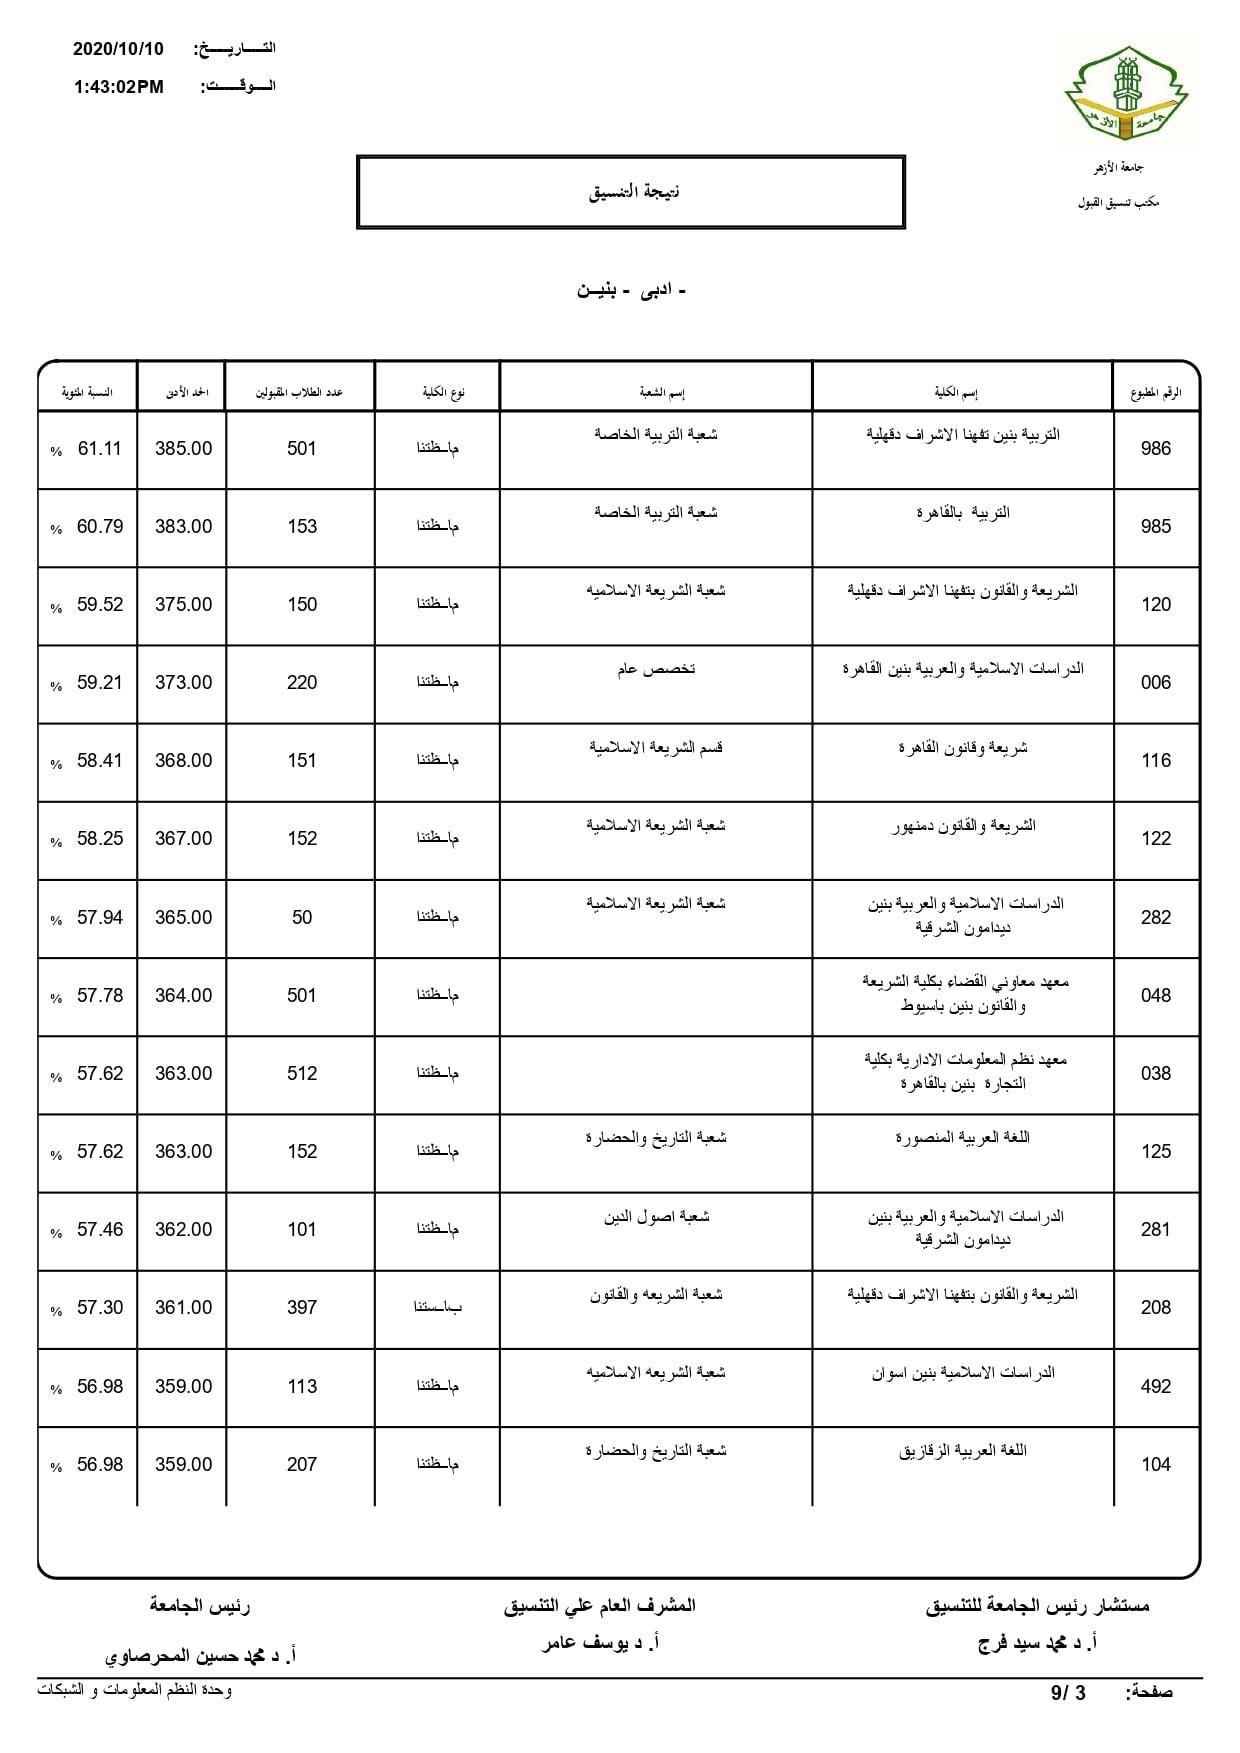 نتيجة تنسيق كليات جامعة الأزهر لعام 2020 بالكامل 20201010201704706